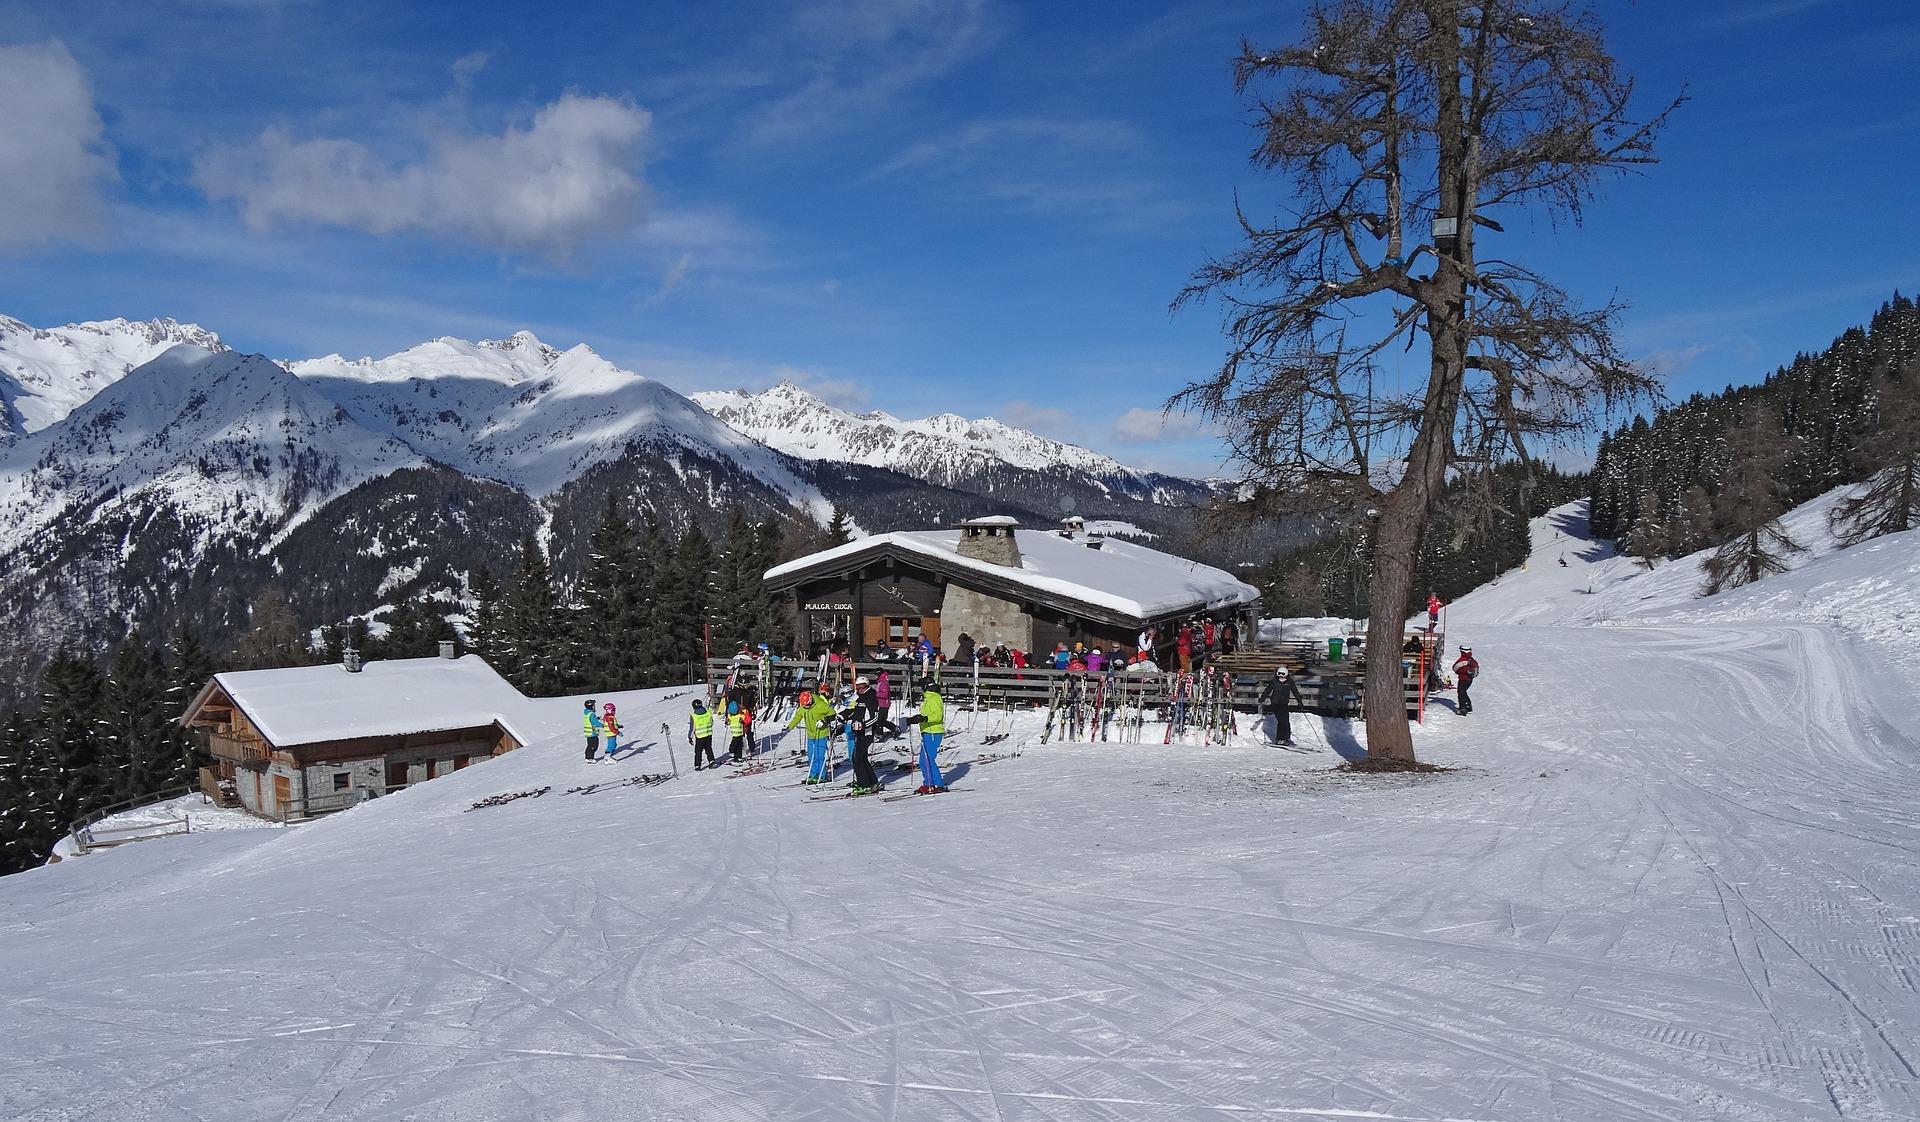 Tijd voor een tussenstop tijdens het skiën bij Madonna di Campiglio